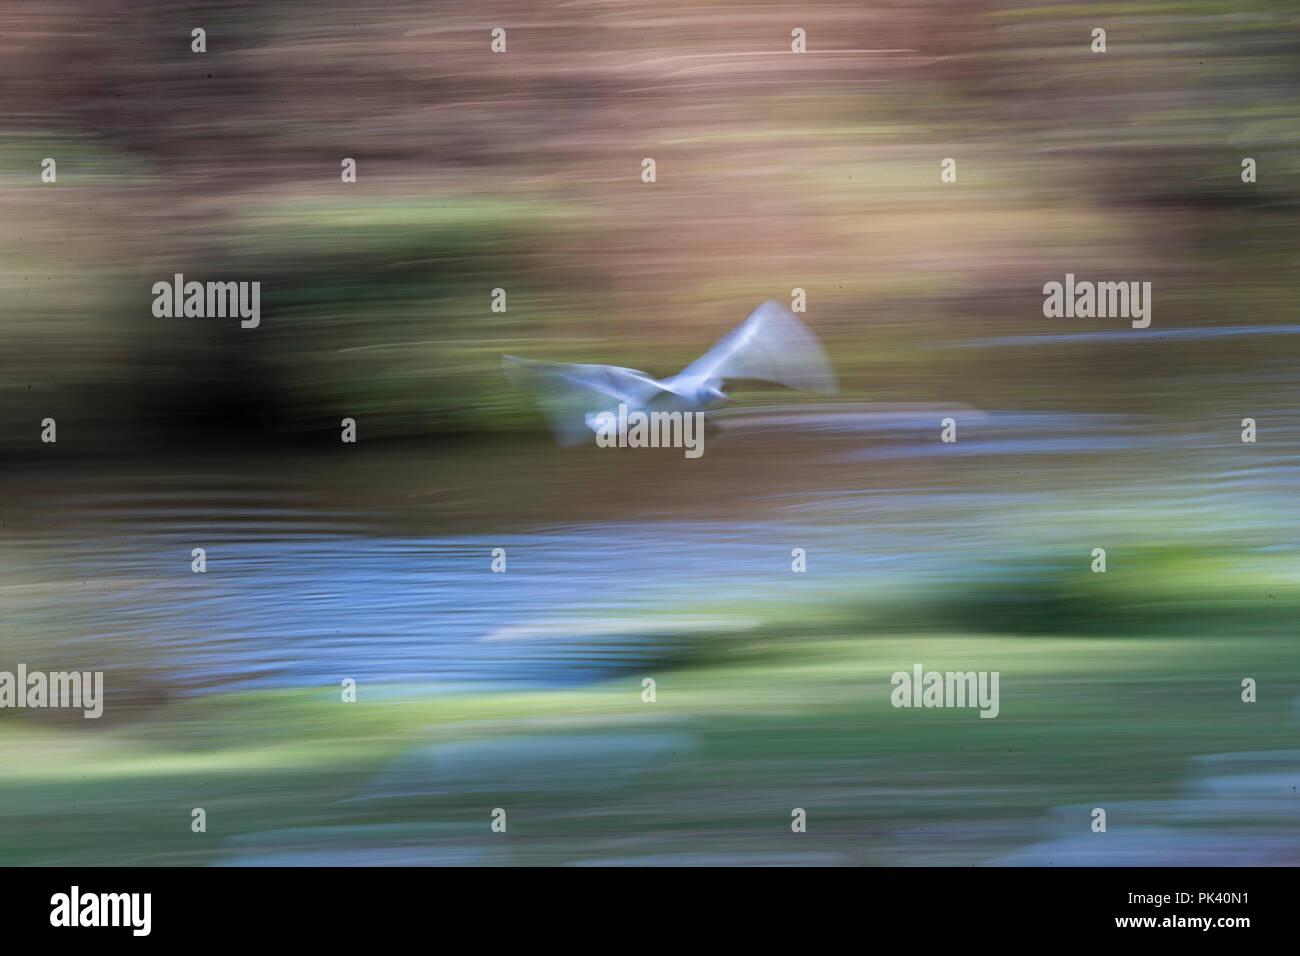 Mouette rieuse Larus ridibundus Black, avec le flou artistique Photo Stock